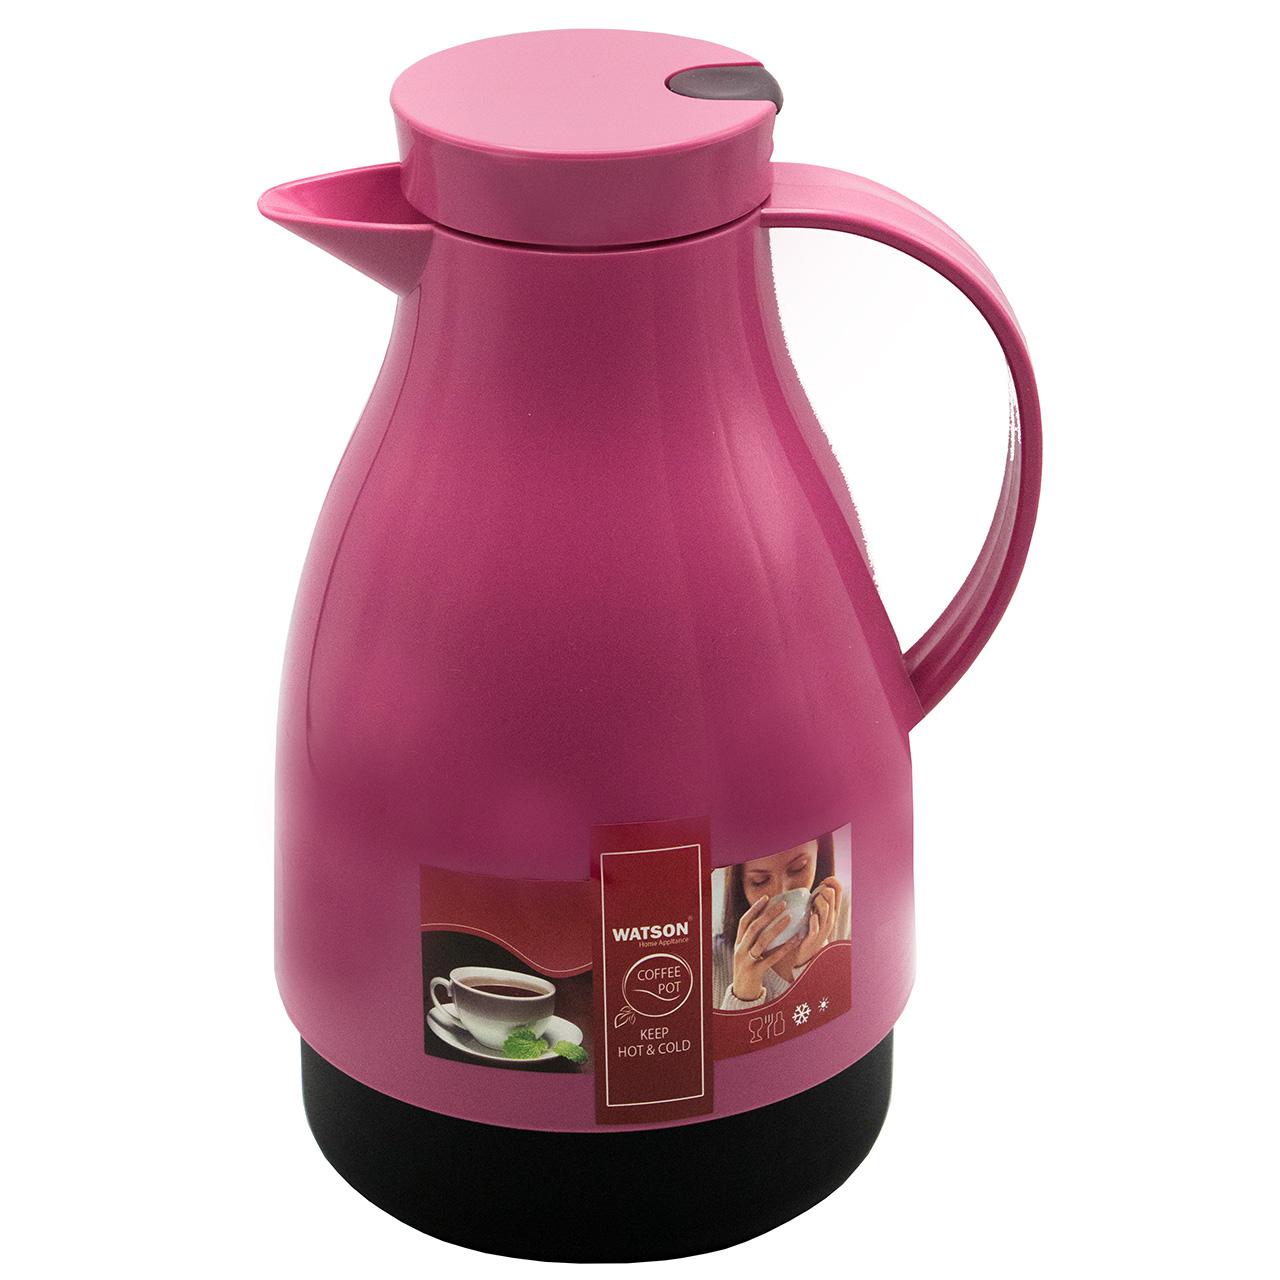 فلاسک واتسون مدل COFFEE POT کد 408 ظرفیت 1.3 لیتر